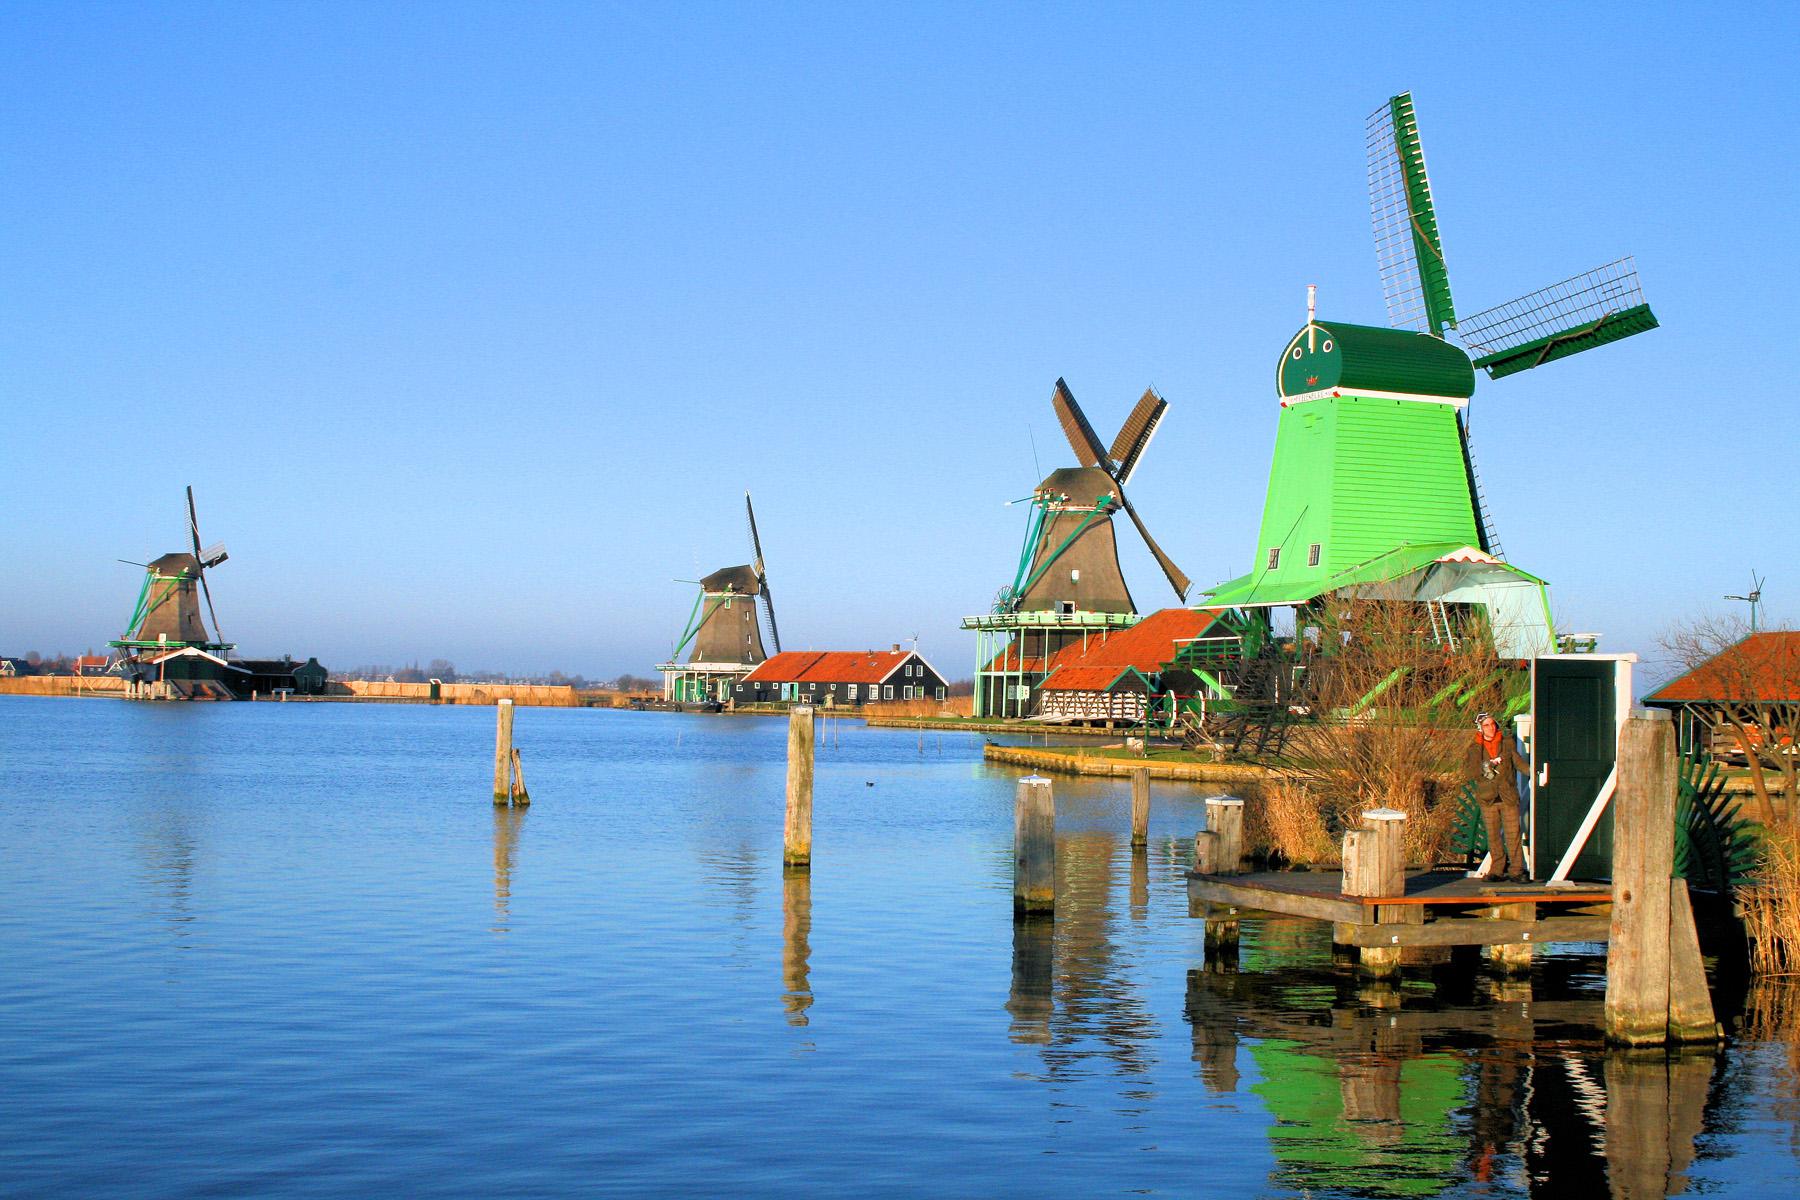 Поселение Заансе-Сханс в Нидерландах